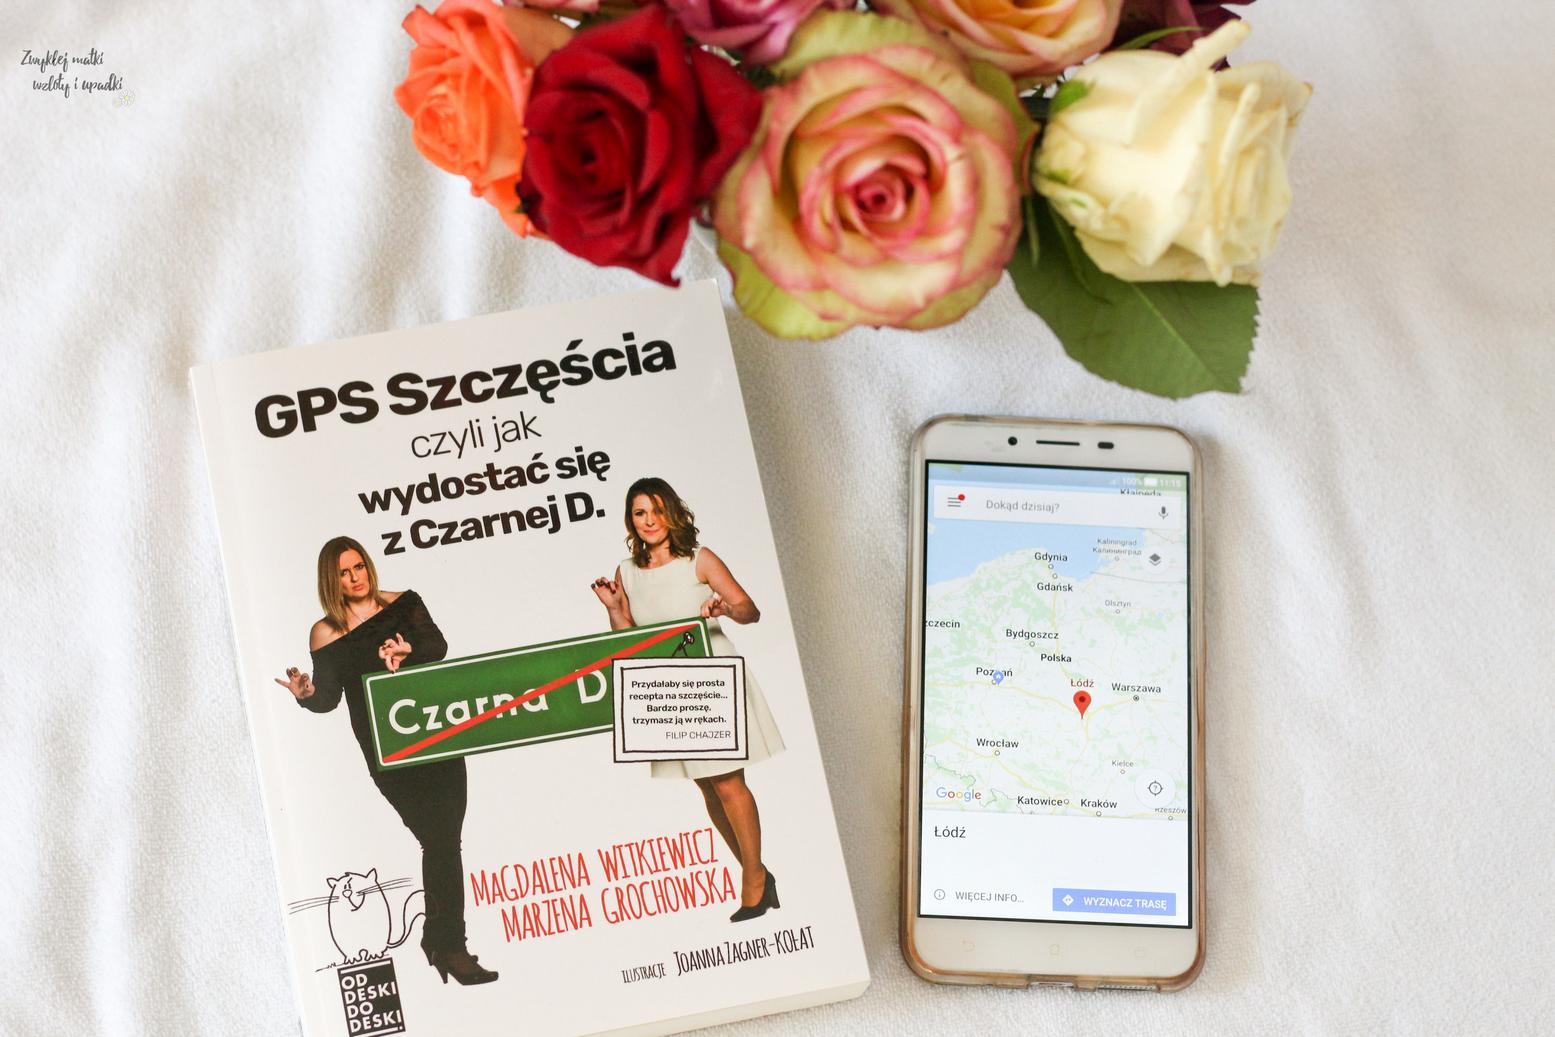 Jak być szczęśliwym, czyli GPS szczęścia